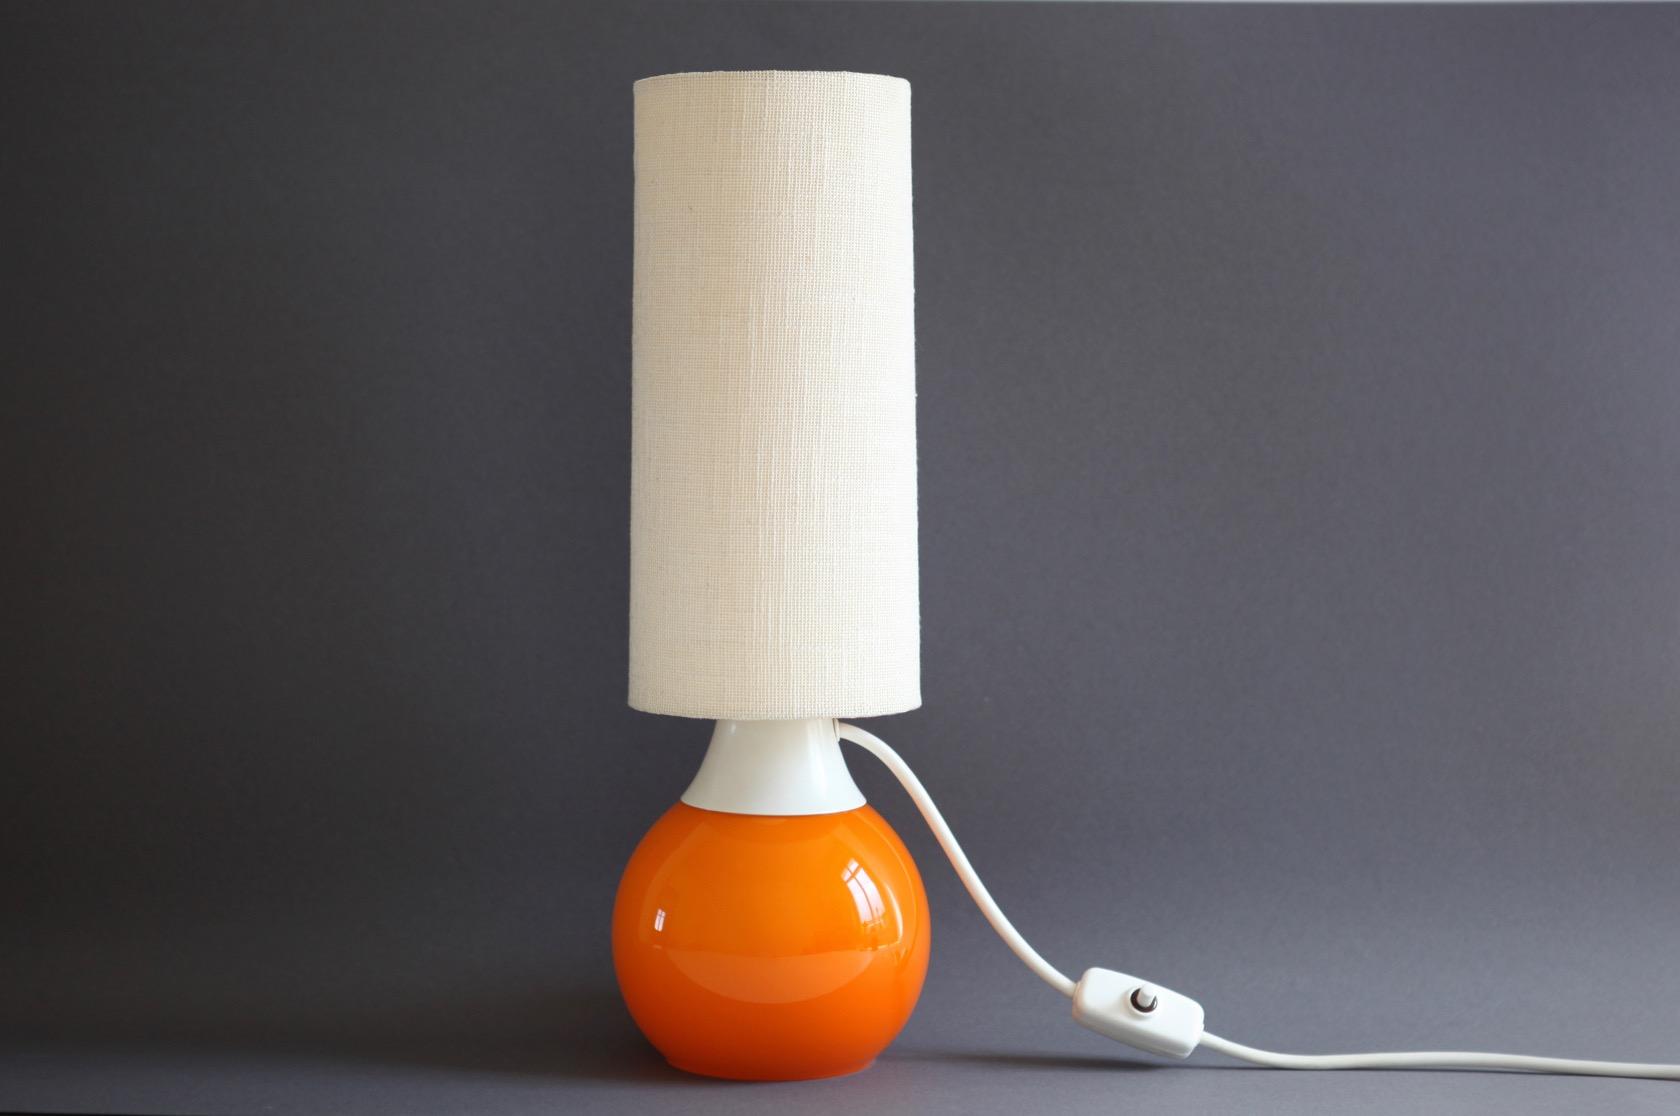 tischlampe in orange aus den 60er jahren raumwunder vintage wohnen in n rnberg. Black Bedroom Furniture Sets. Home Design Ideas